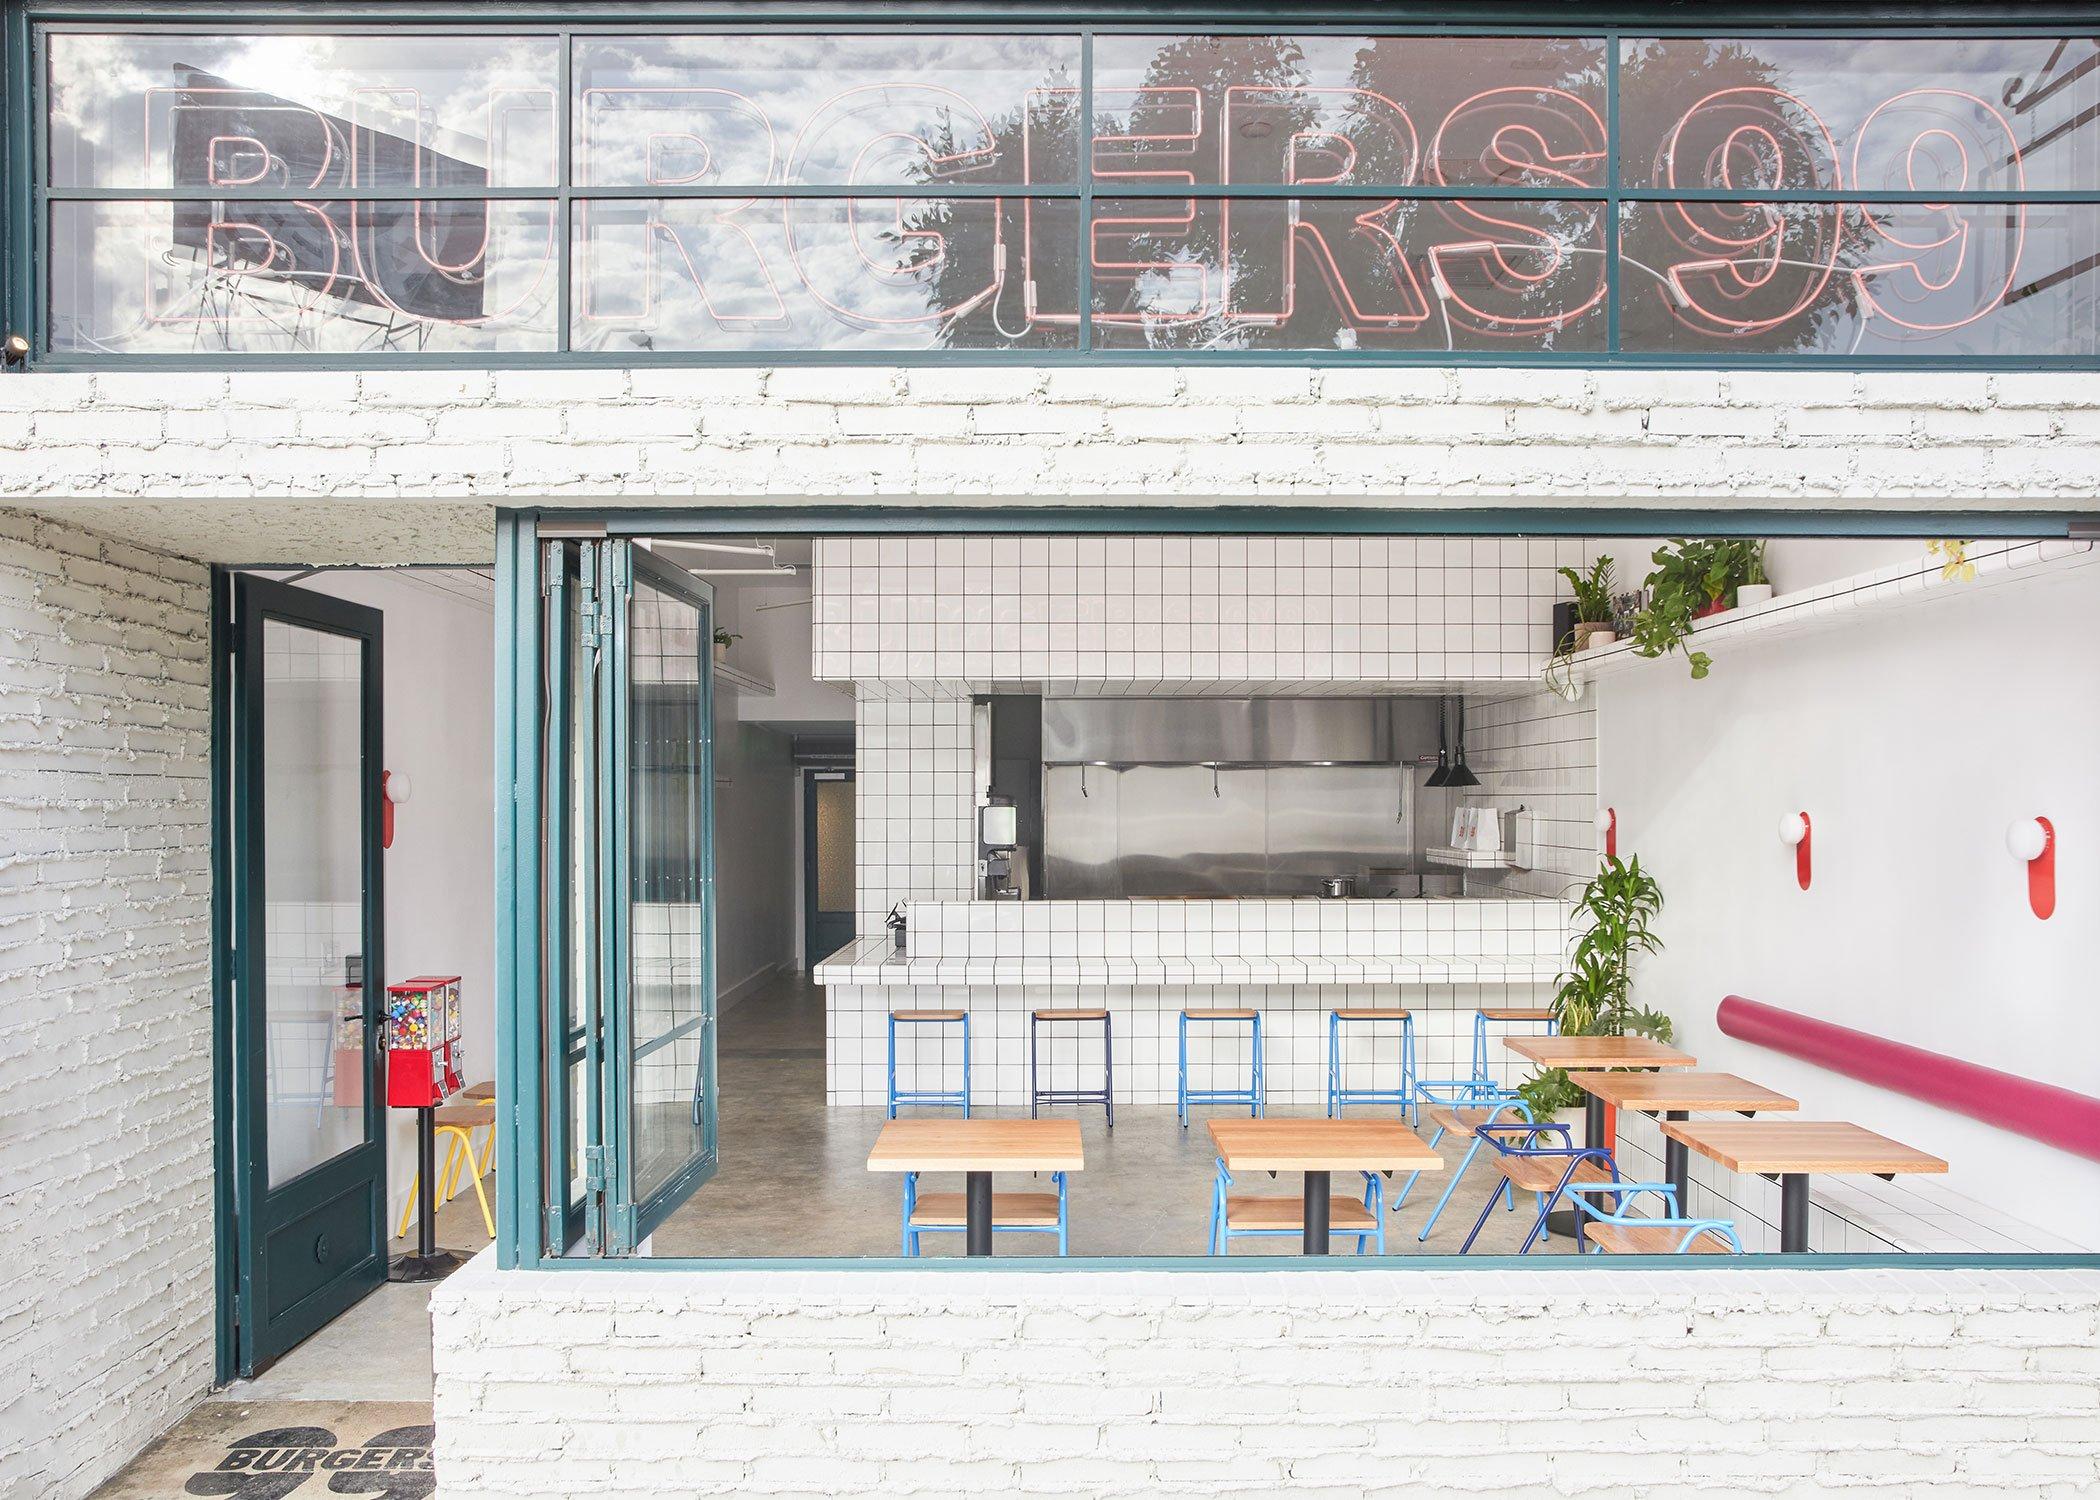 interior-design-of-burgers-99